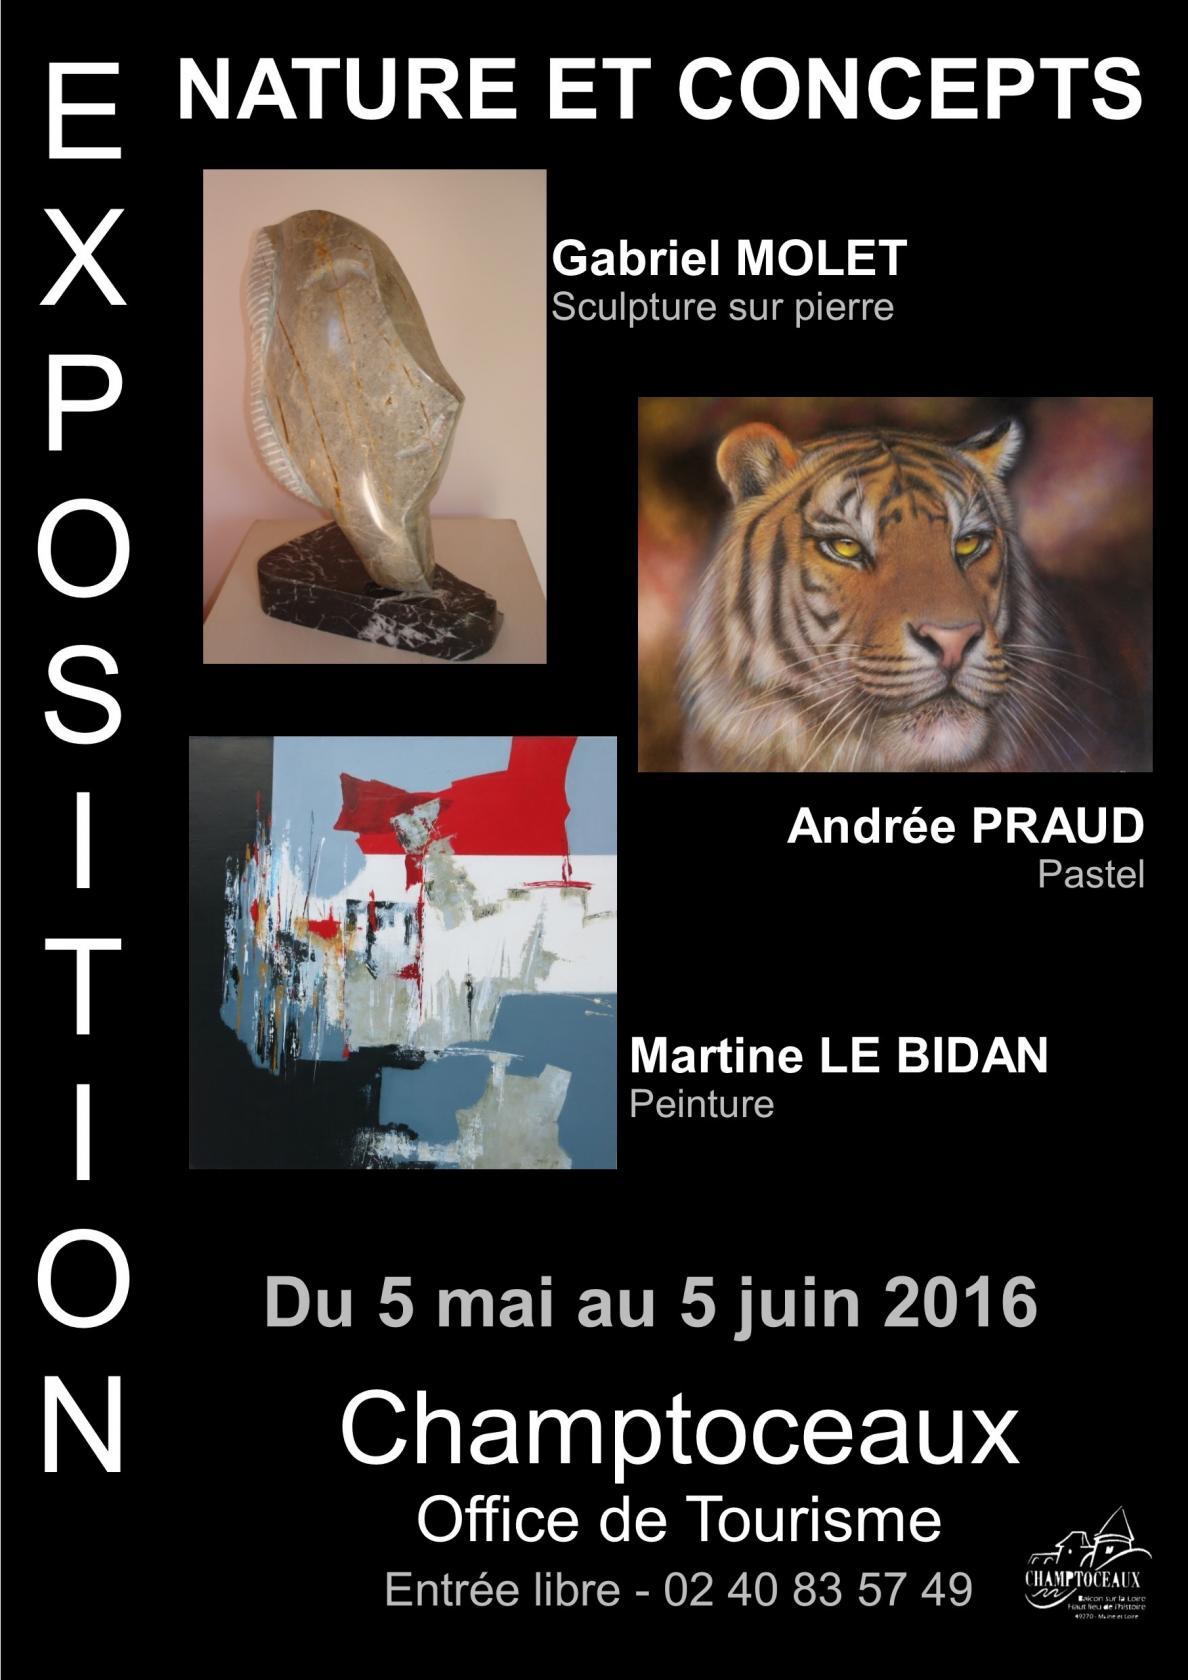 Exposition Nature et concepts Orée-d'Anjou